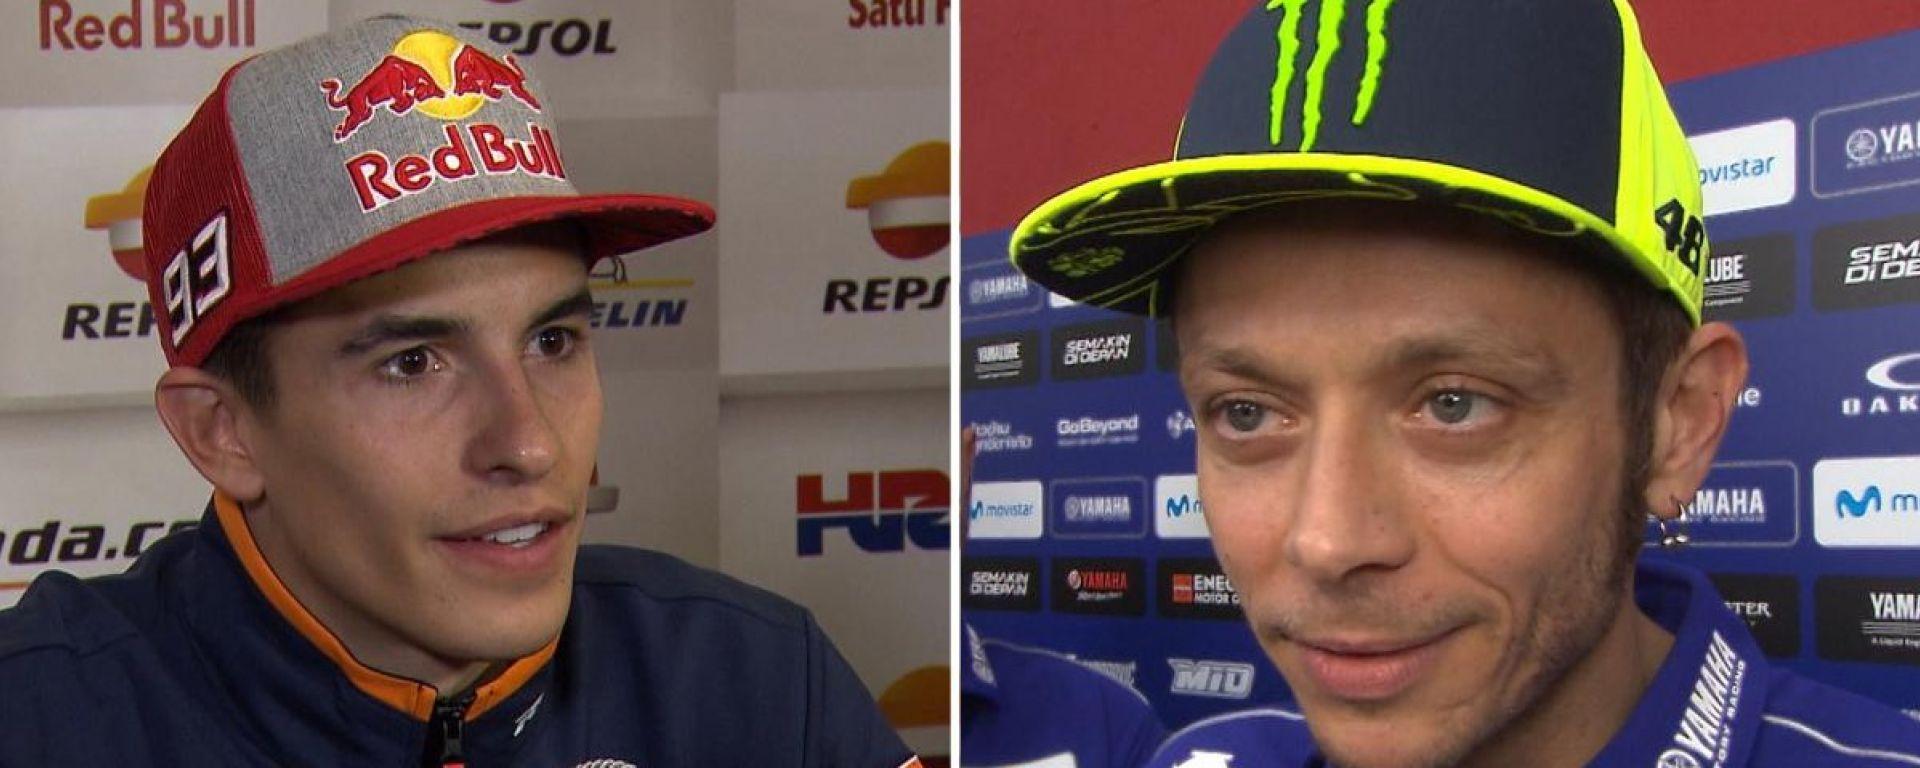 Marc Marquez e Valentino Rossi